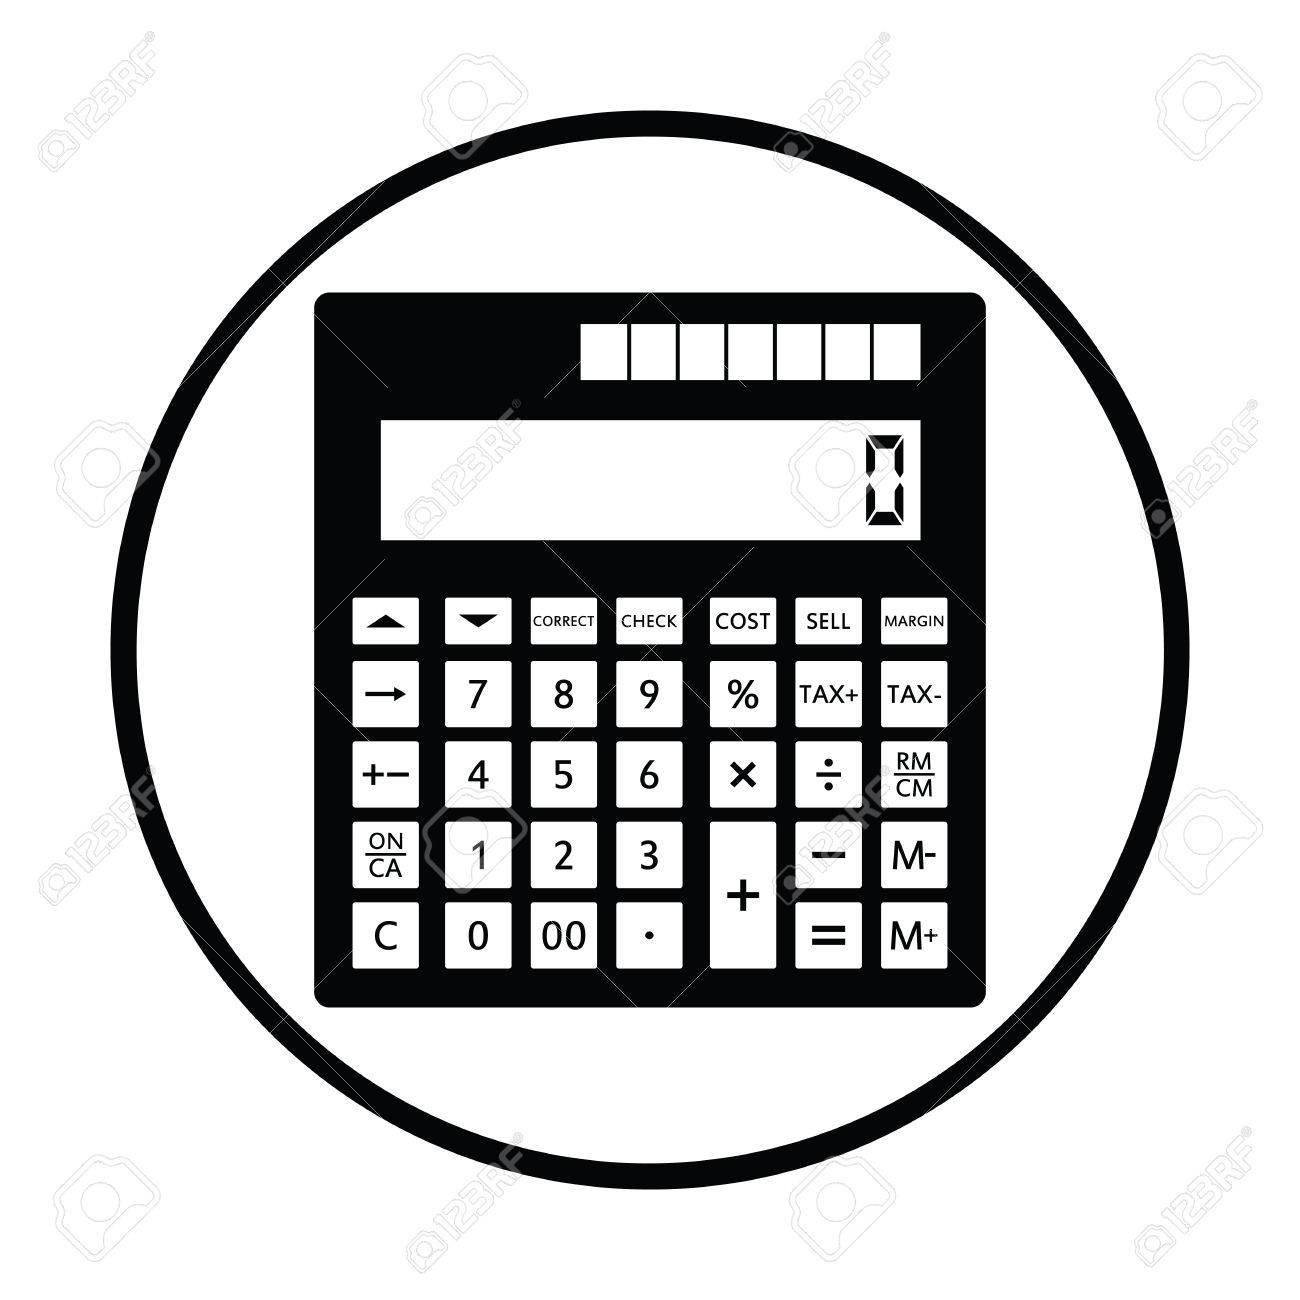 Statistisches Taschenrechnersymbol. Dünner Kreisentwurf. Vektor ...